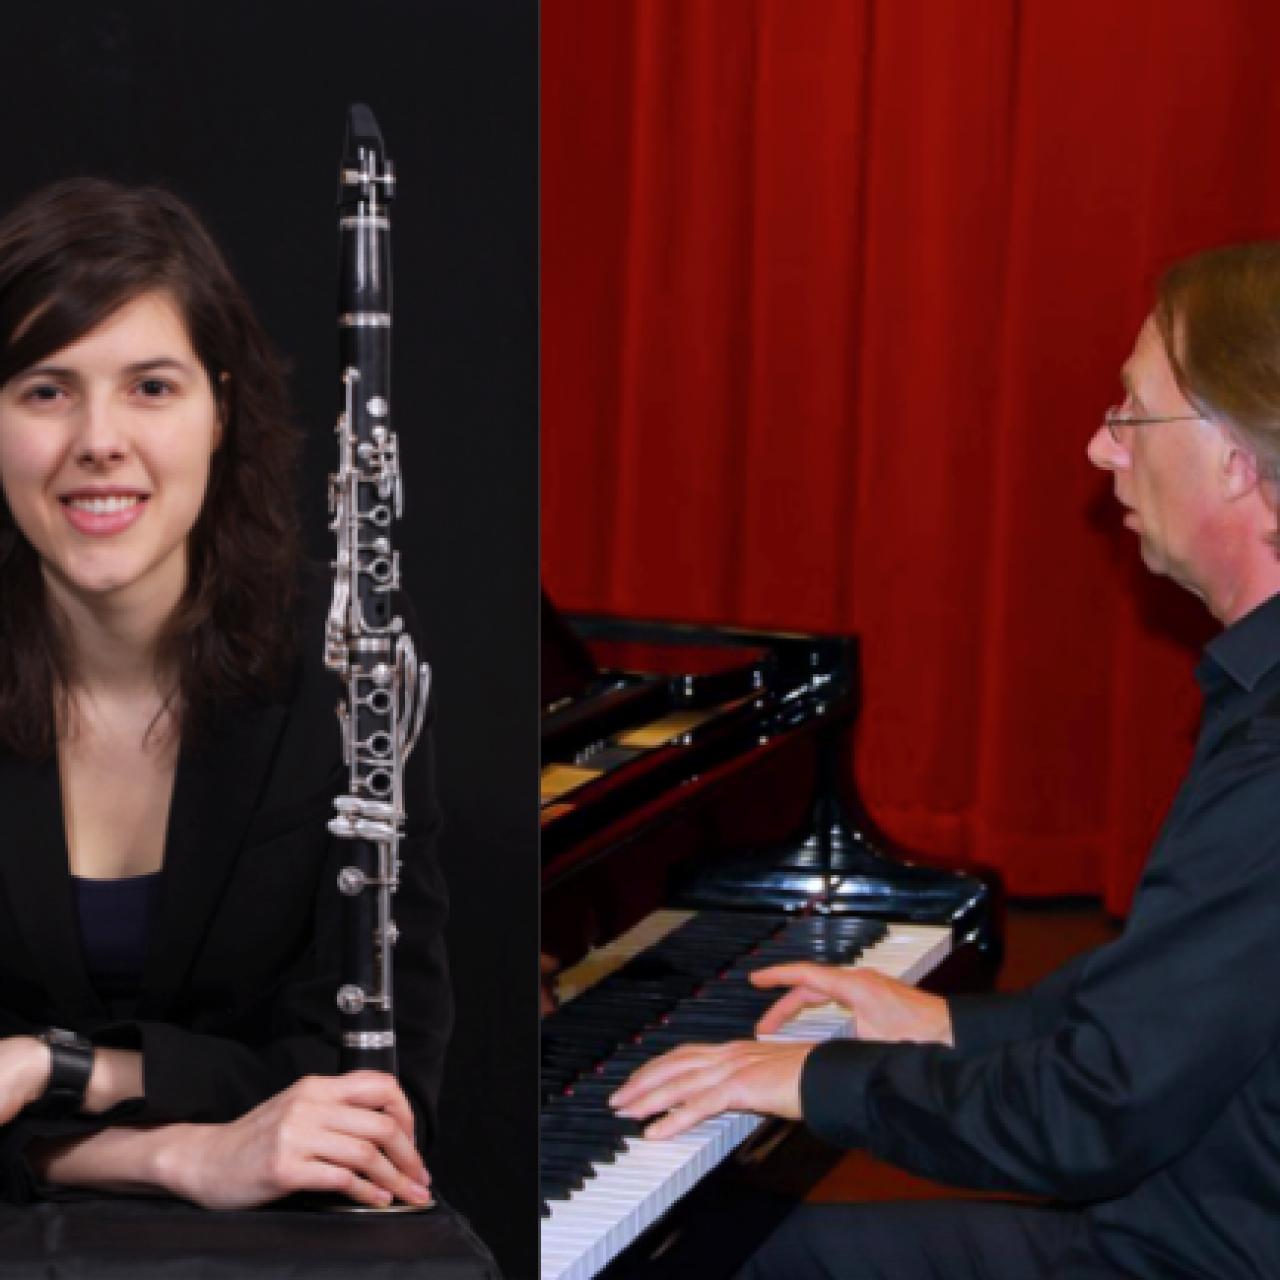 Rien Balkenende (Klavier) und Evelien de Vries (Klarinette)